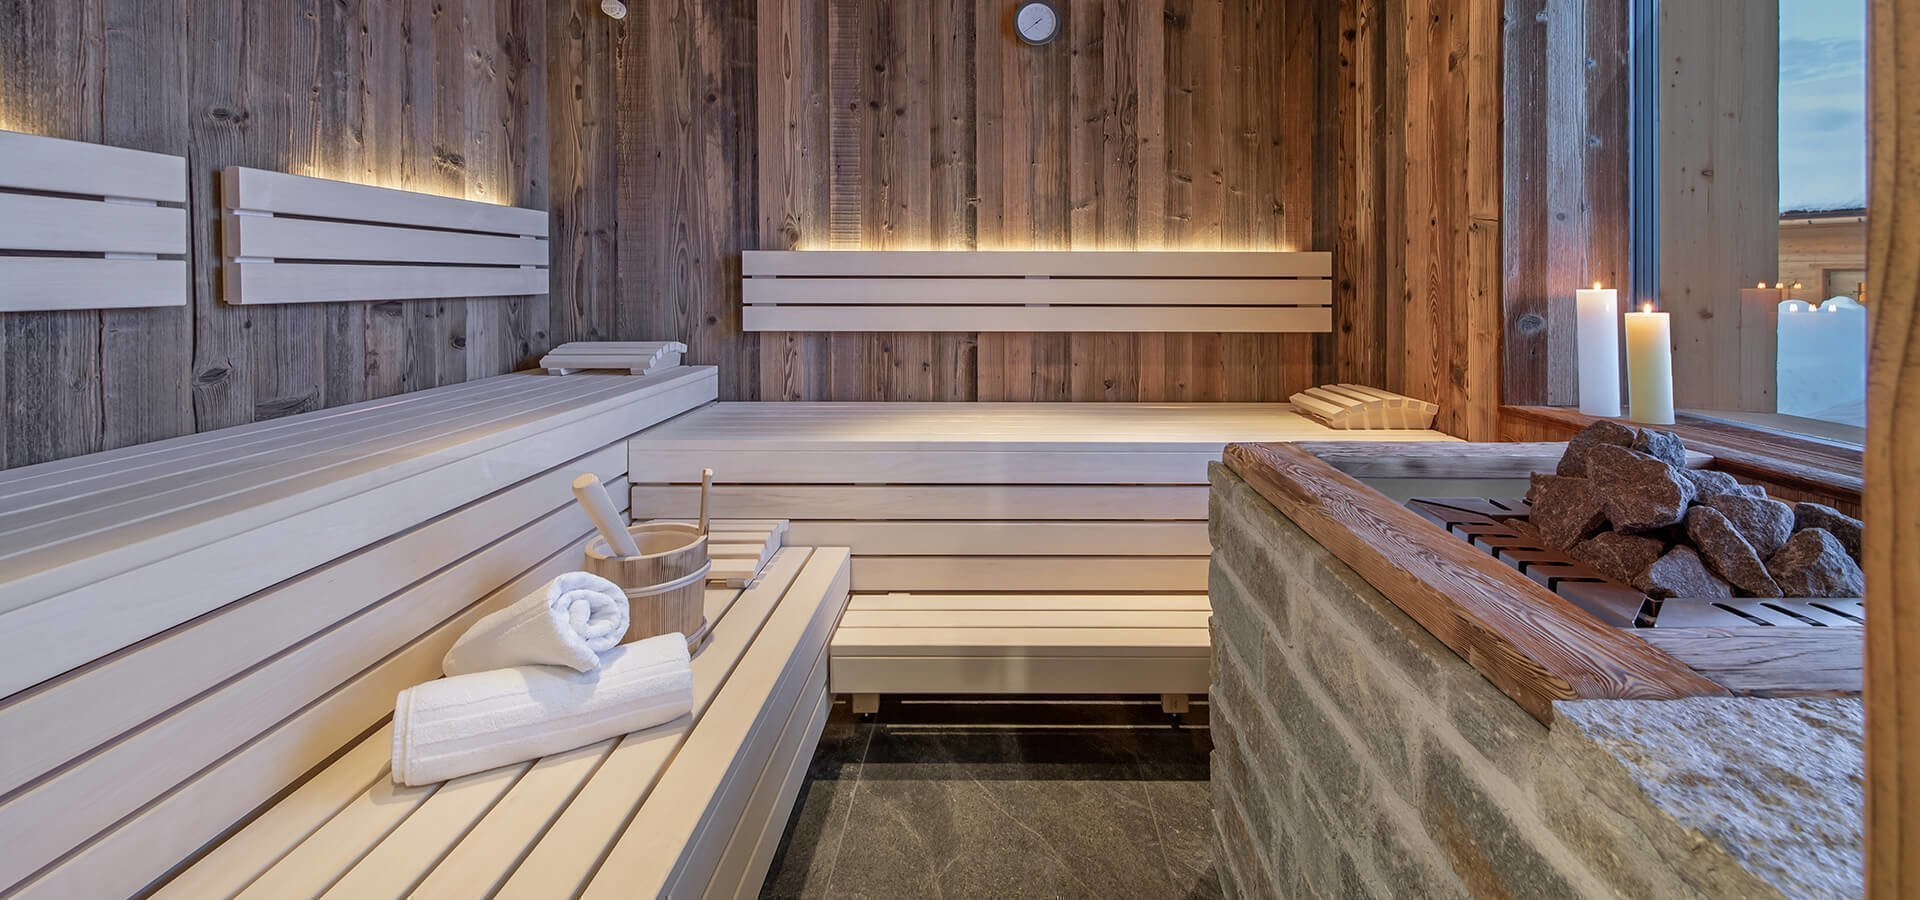 Sauna auf de Roner Alm